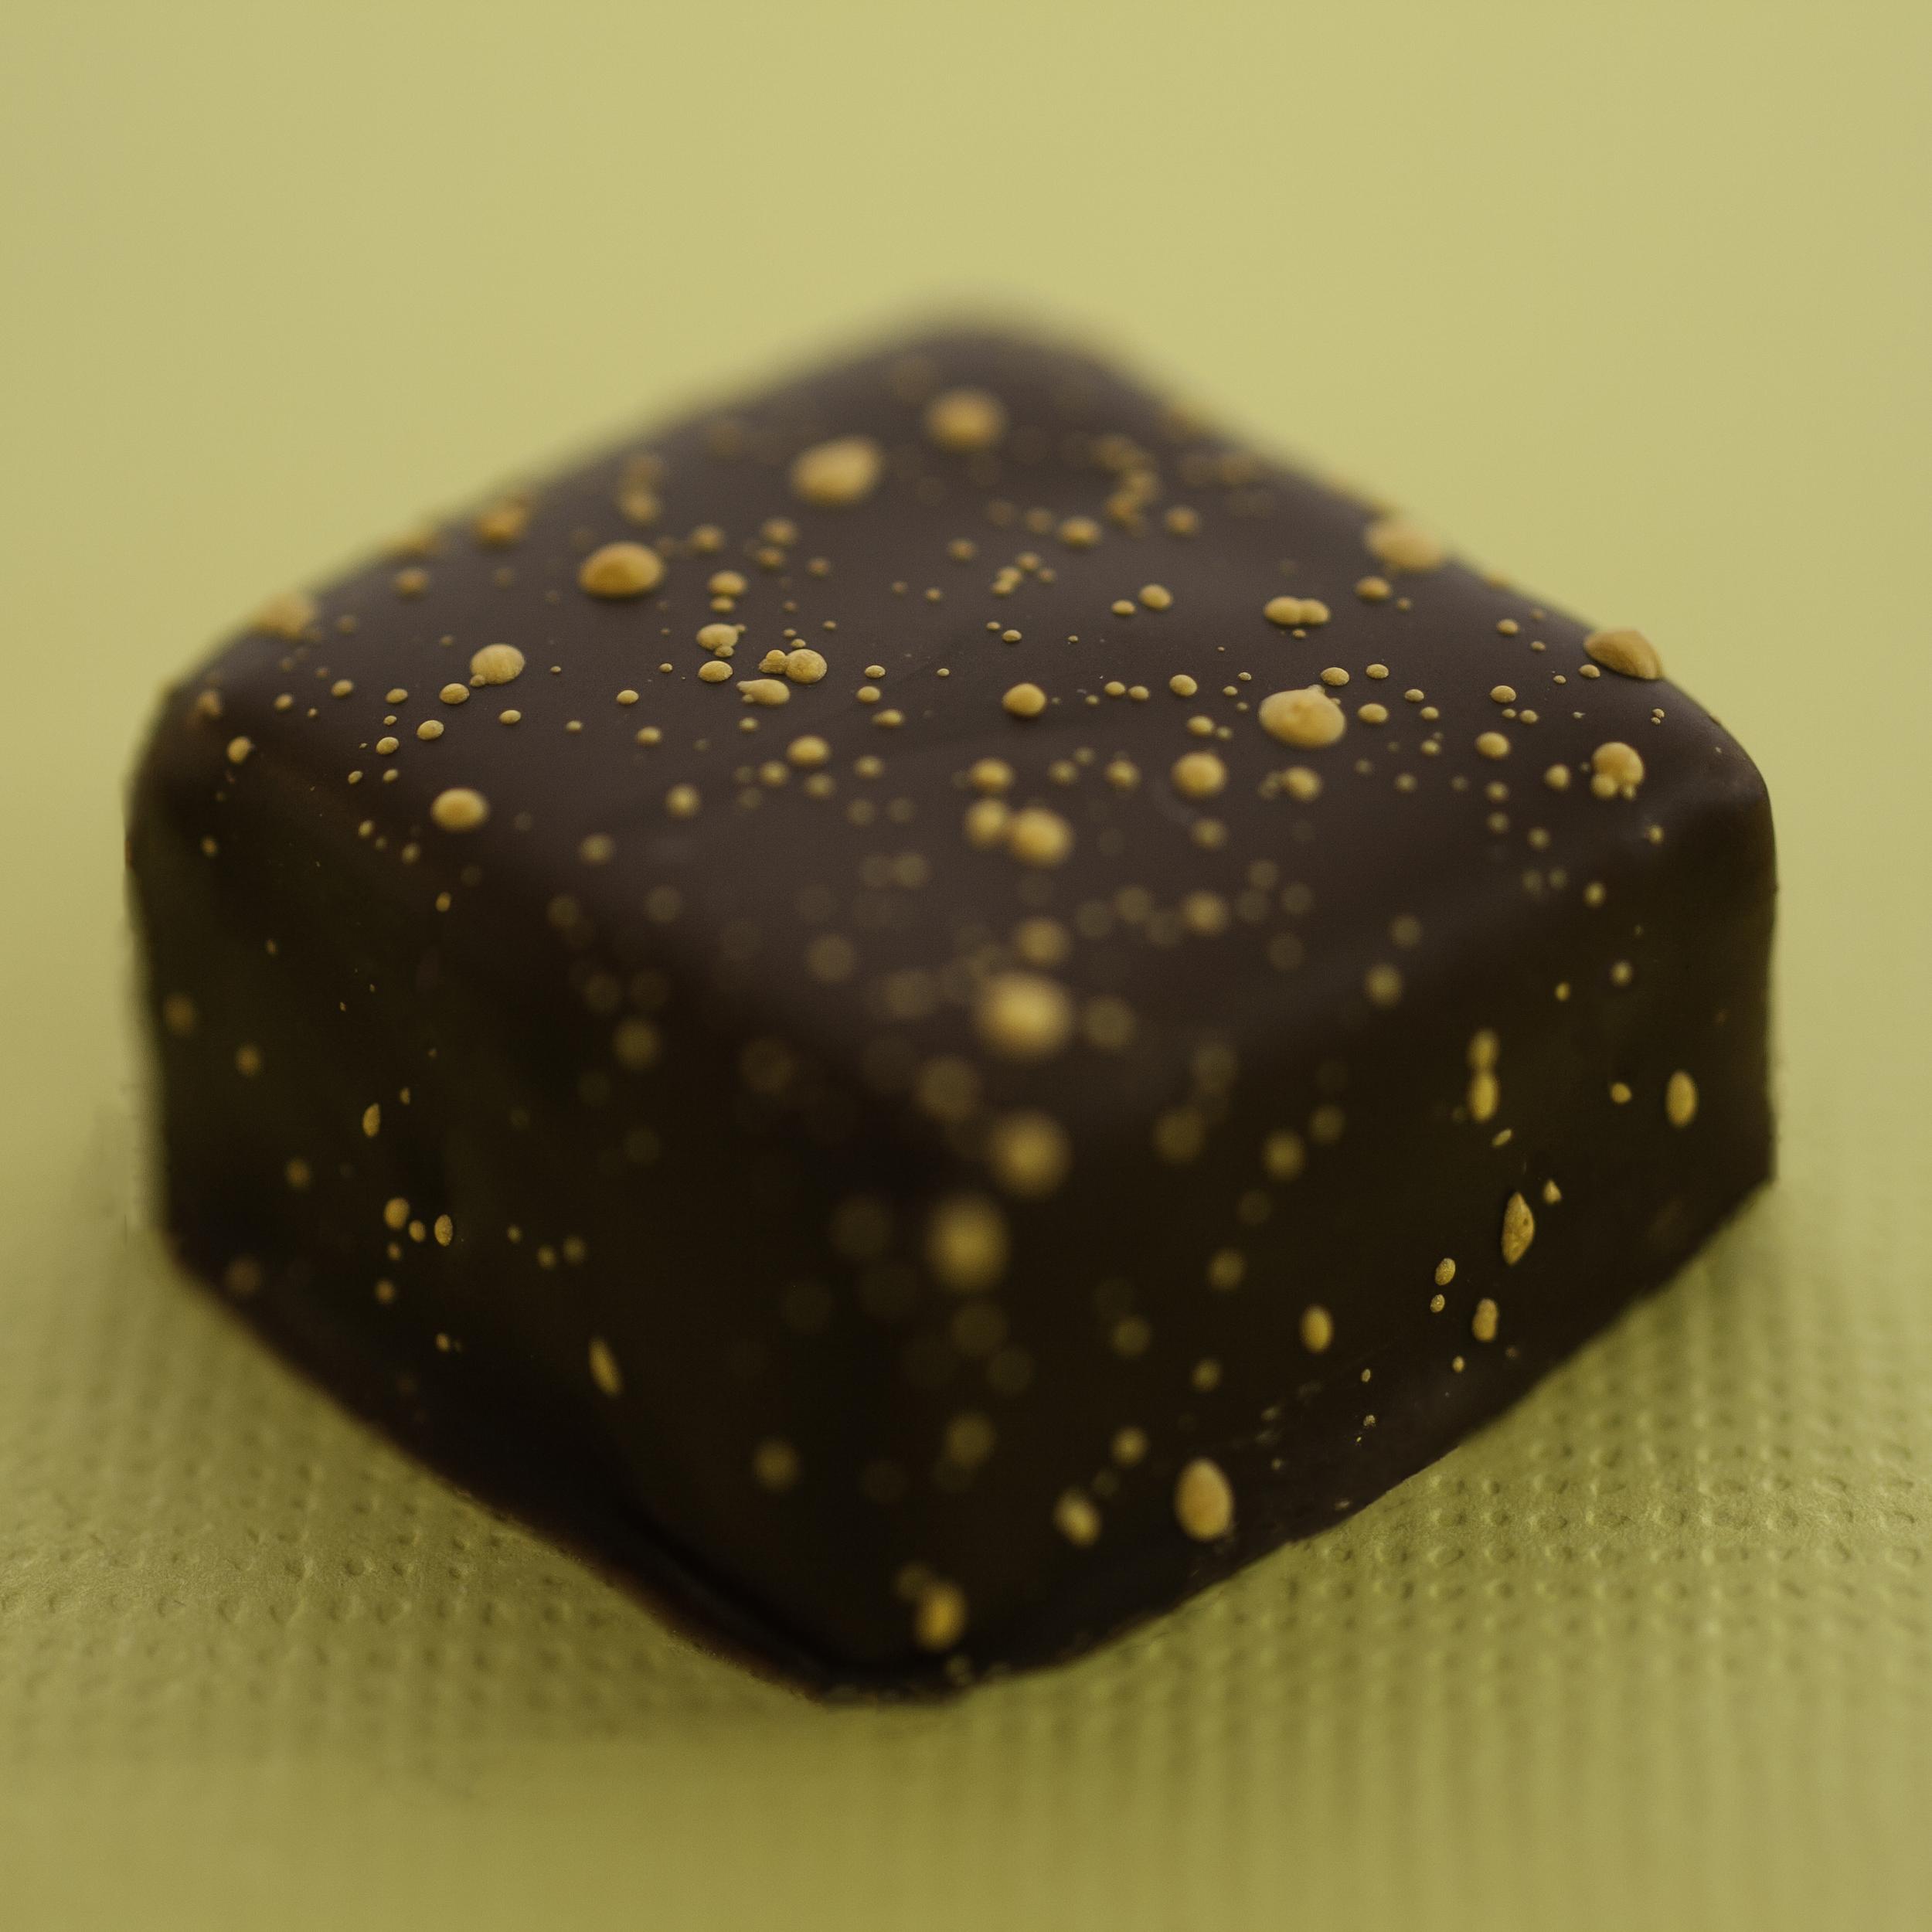 Sort sol temperchokolade